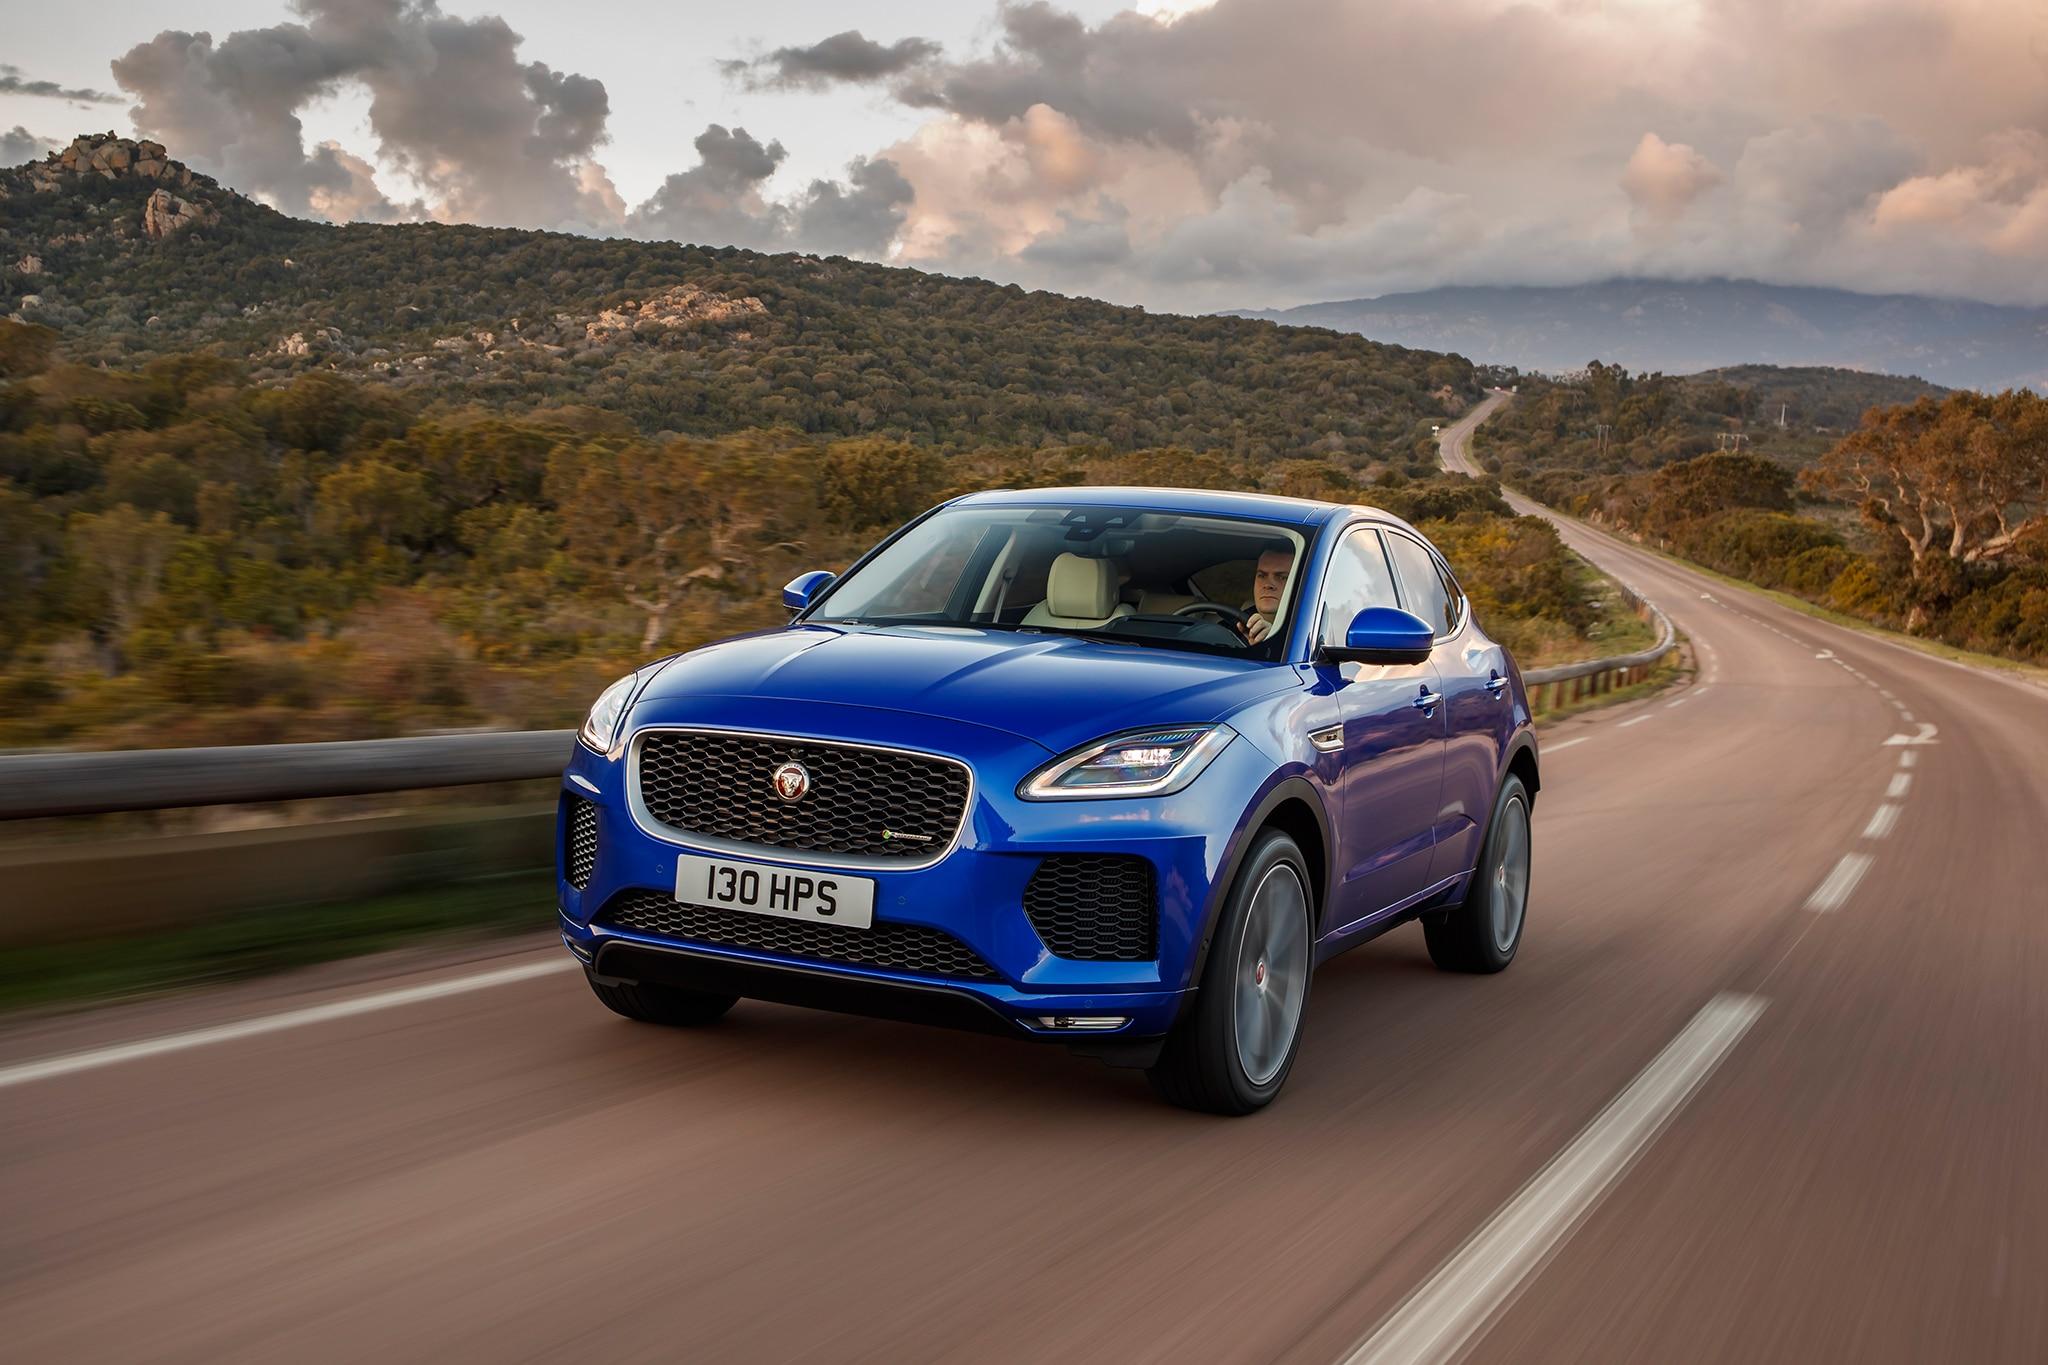 2018 jaguar e pace first drive review automobile magazine. Black Bedroom Furniture Sets. Home Design Ideas